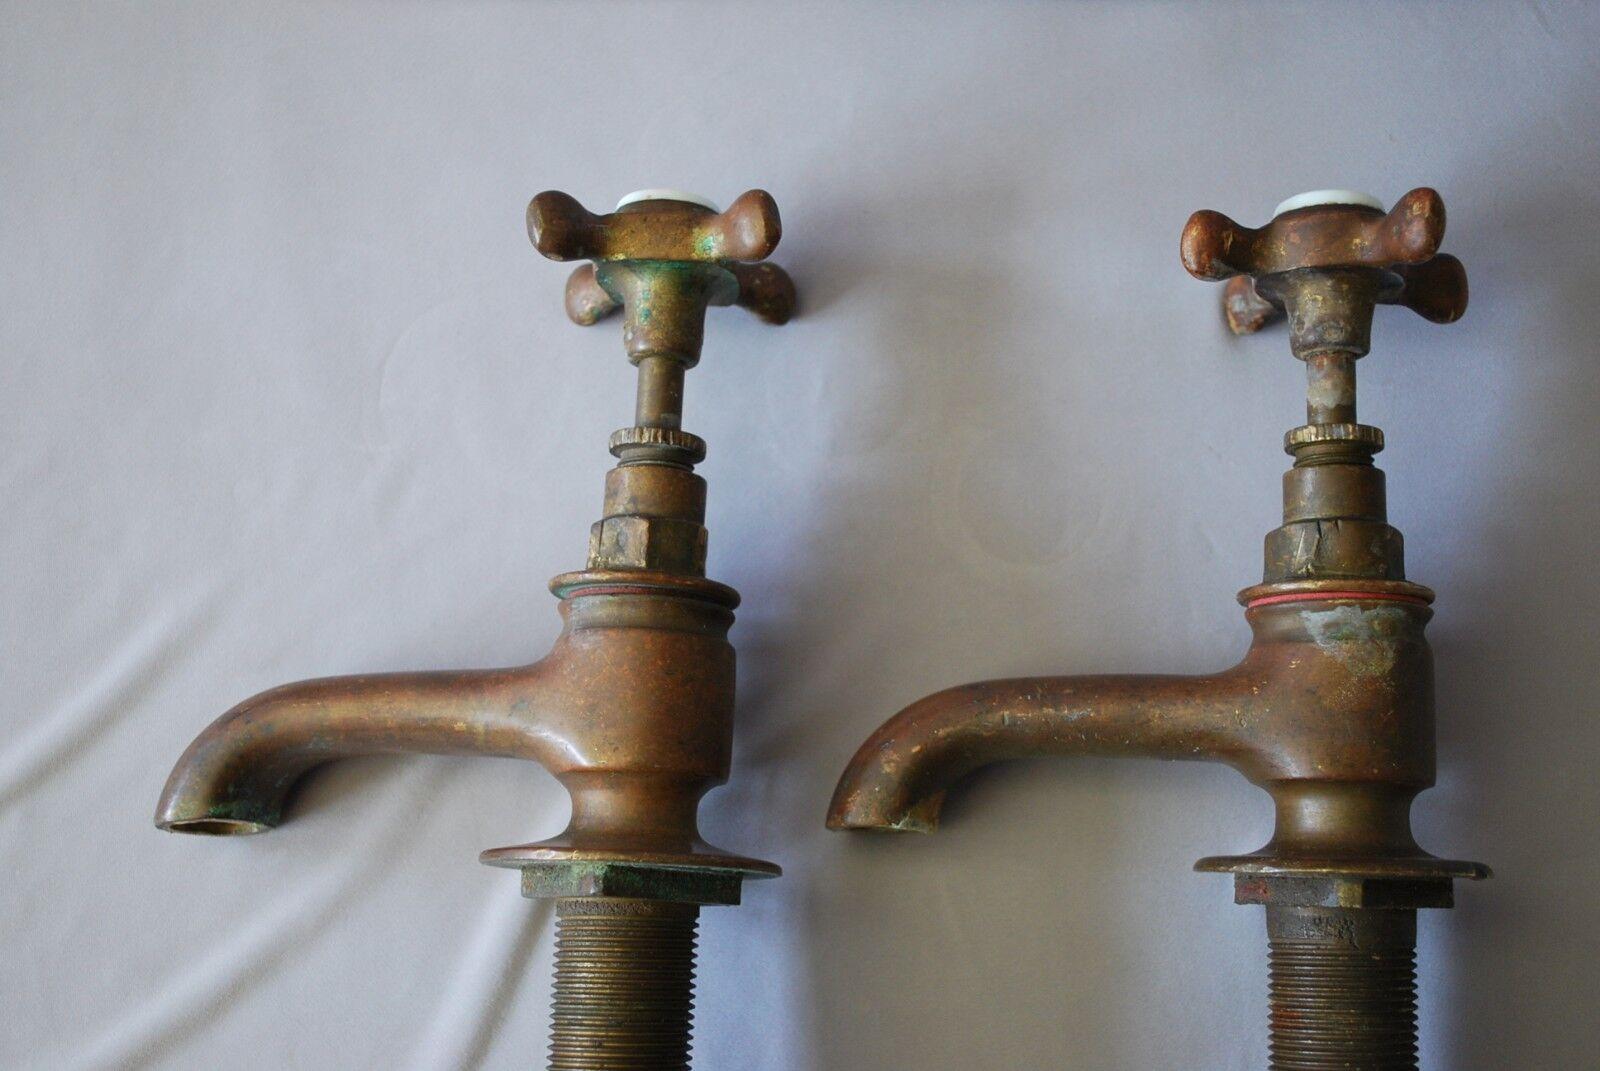 Grifos de baño baño baño de latón antiguo Original pátina oscura largo 3.5 llegar a reciclar reacondionados 6581f2